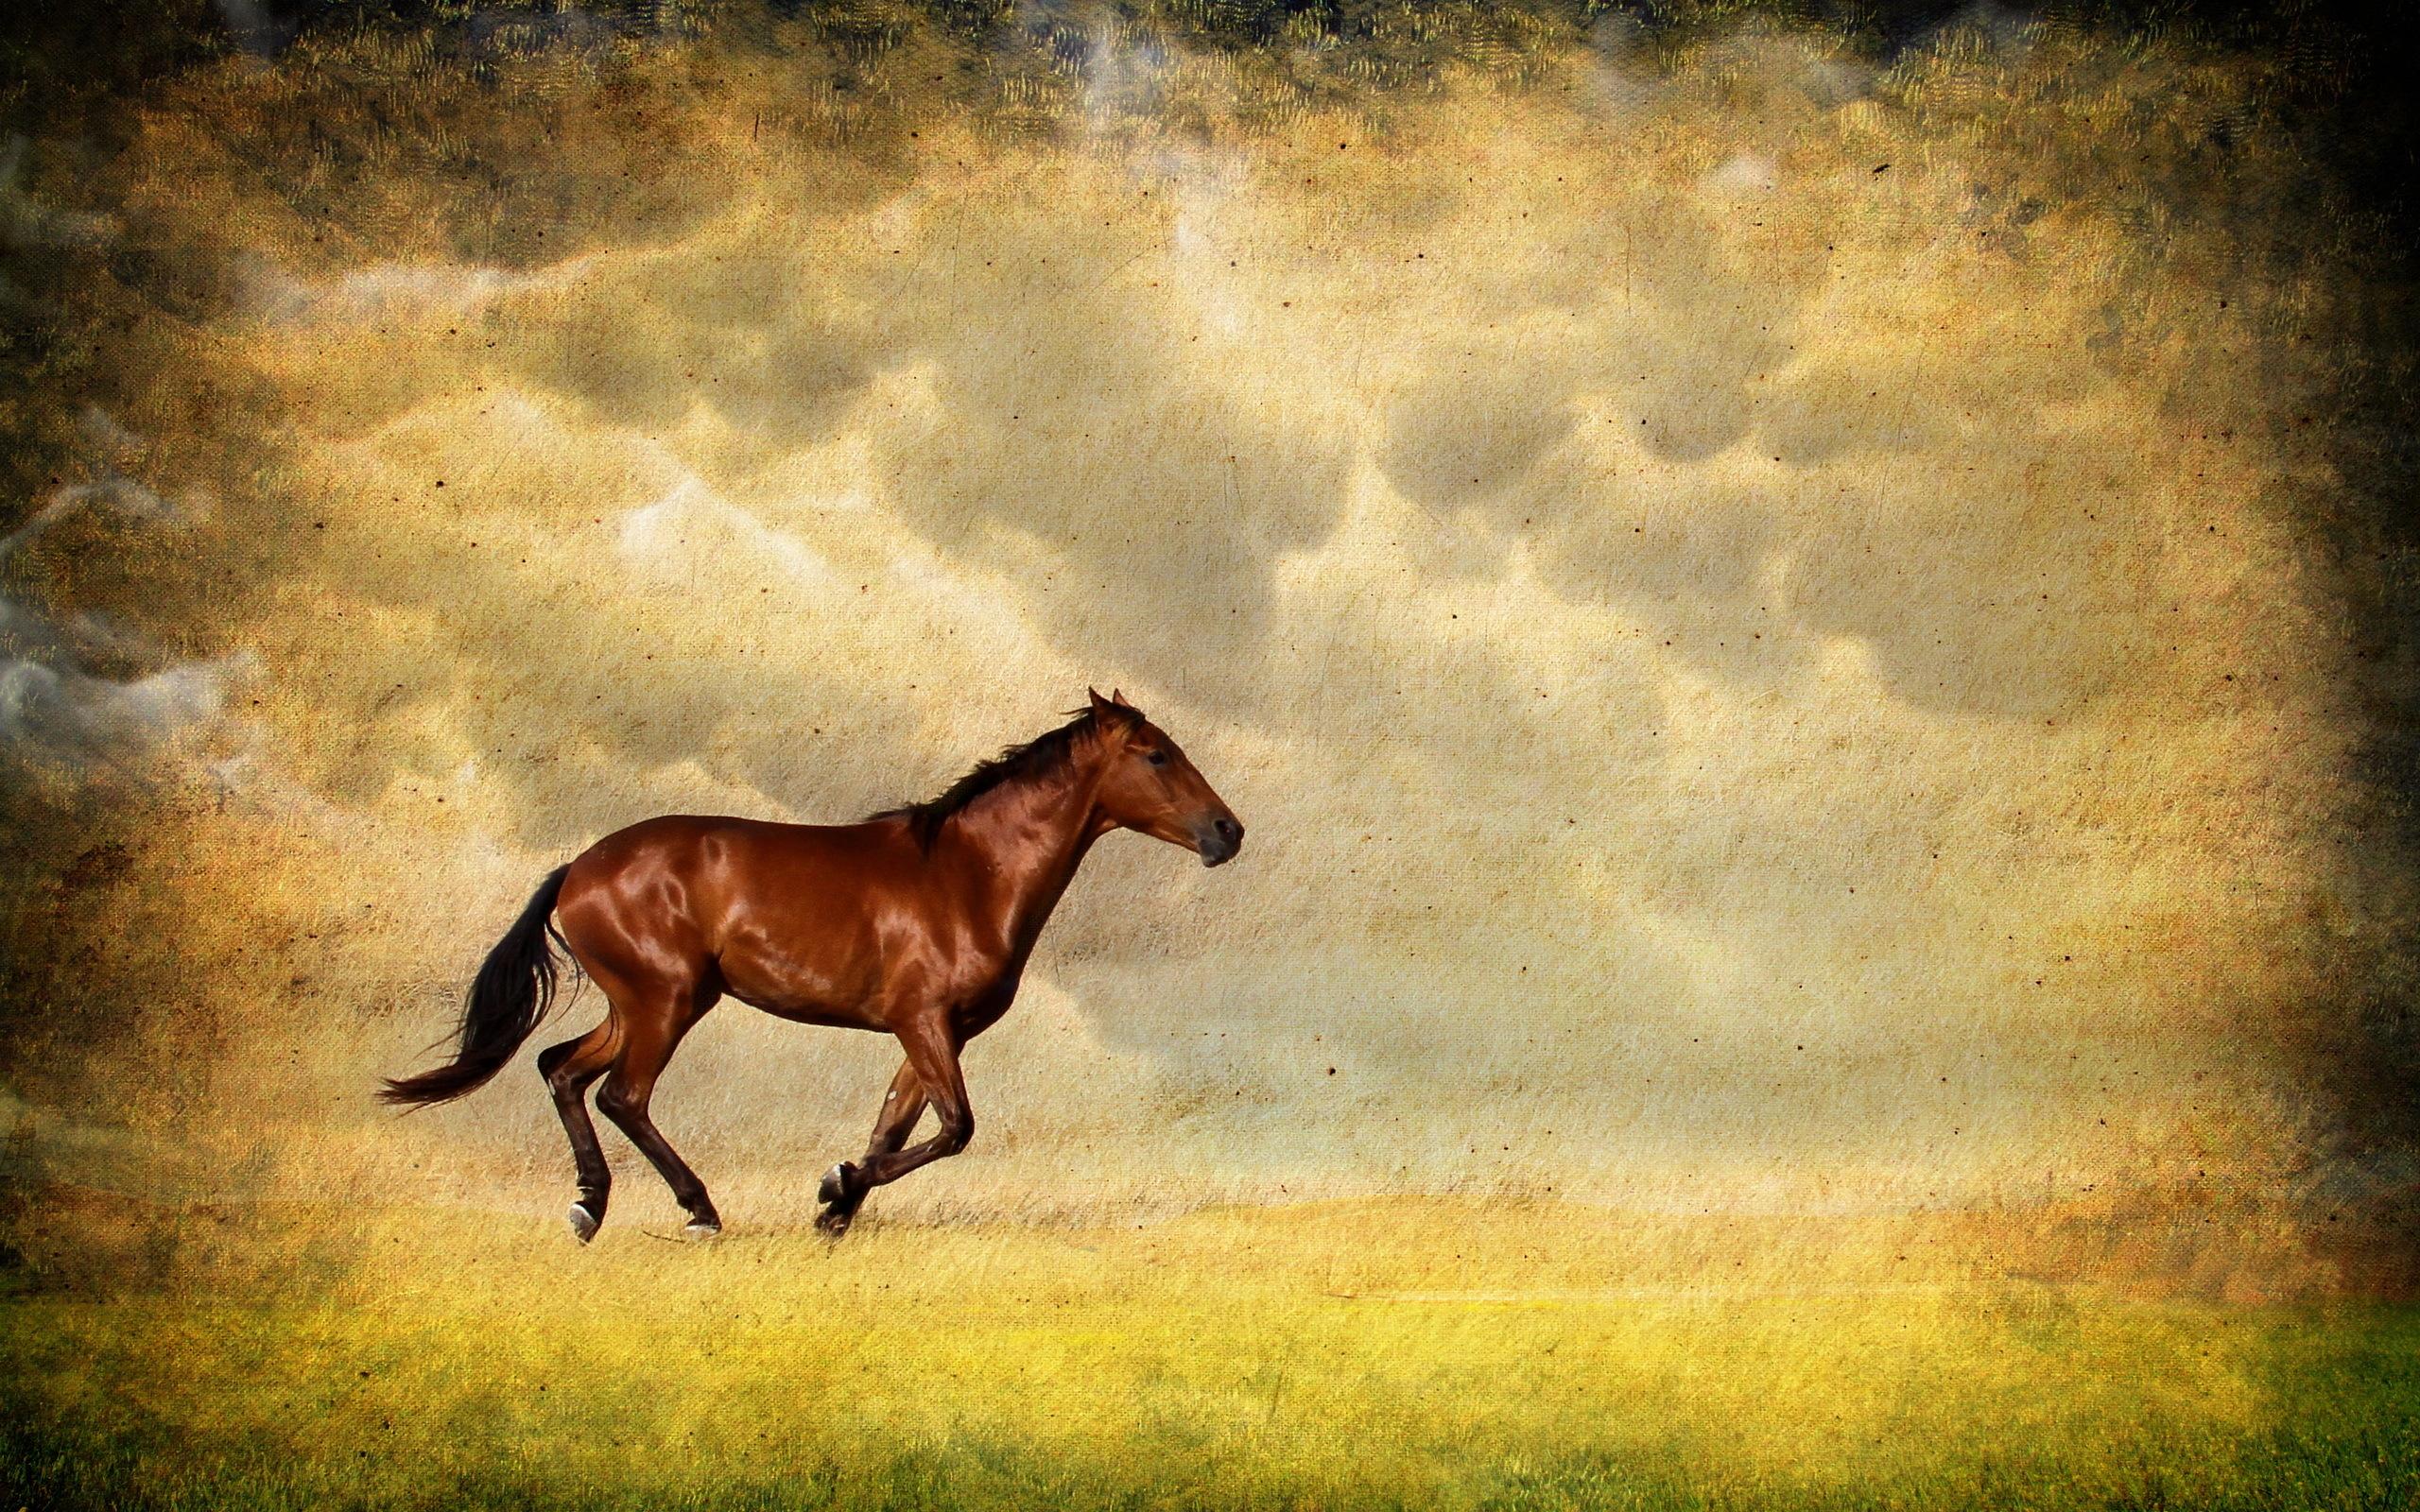 Лошади в поле  № 2021289 загрузить